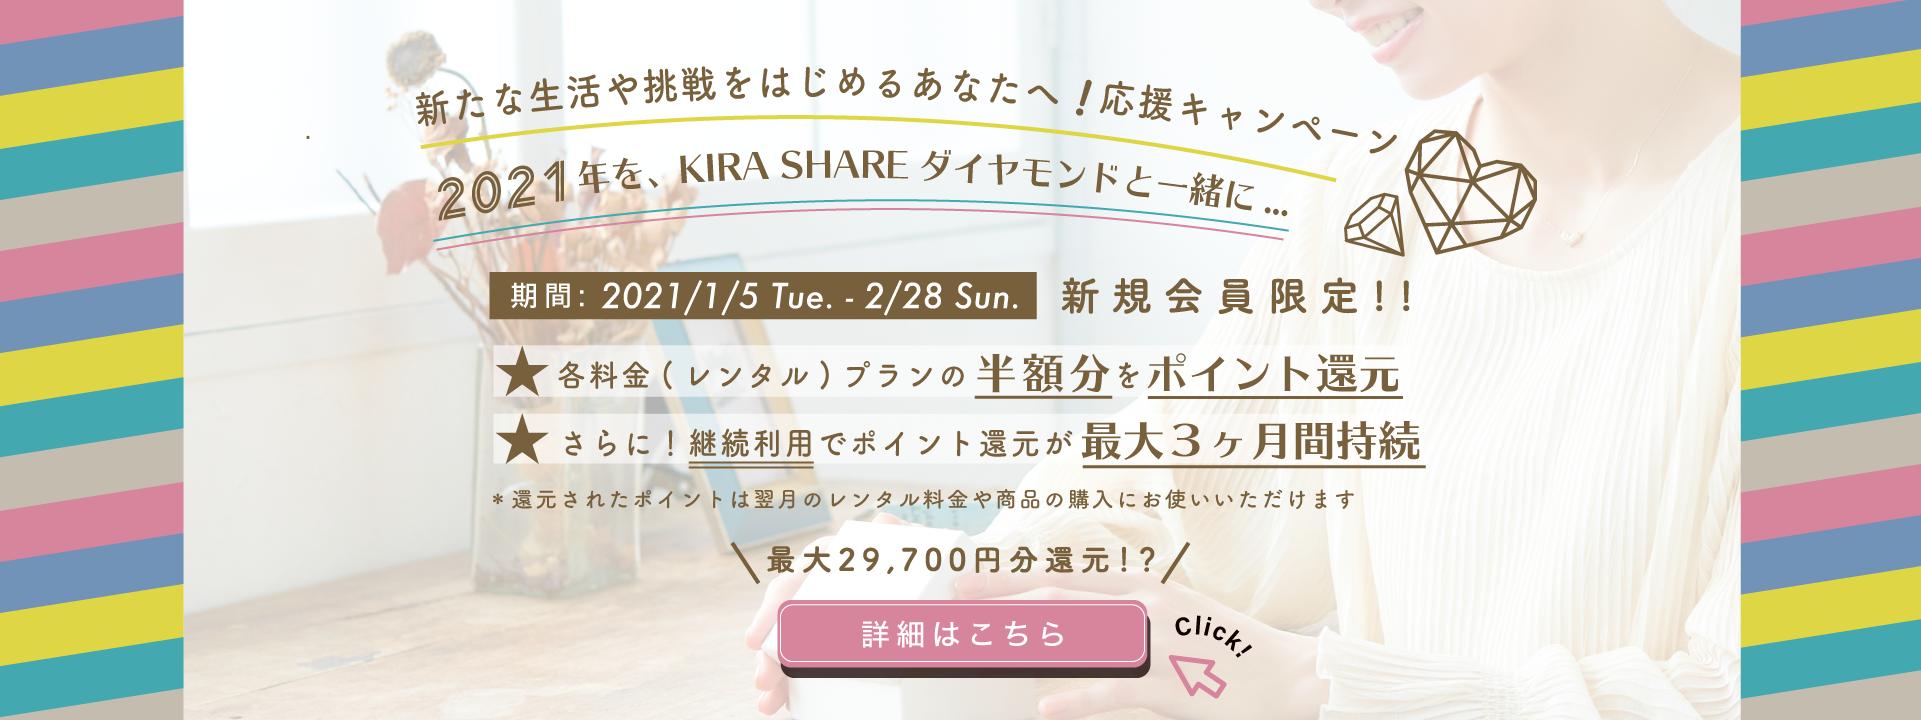 kira-share_main_05